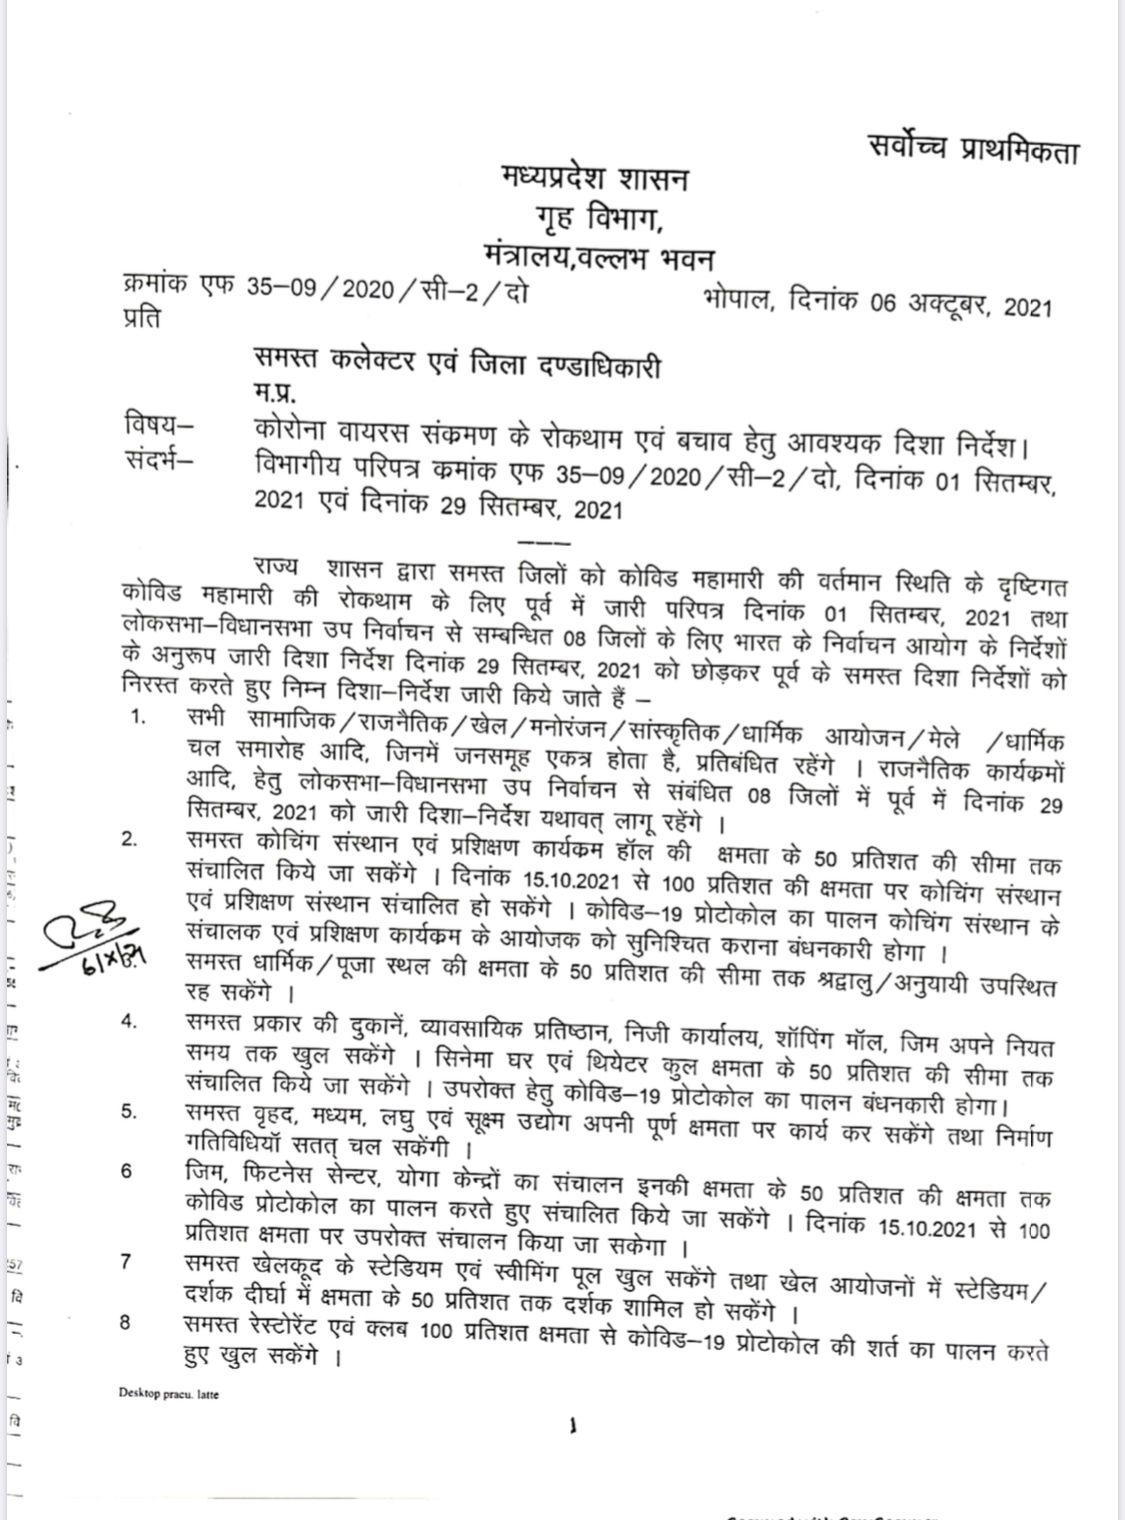 गृह विभाग ने बुधवार को आदेश जारी किए।